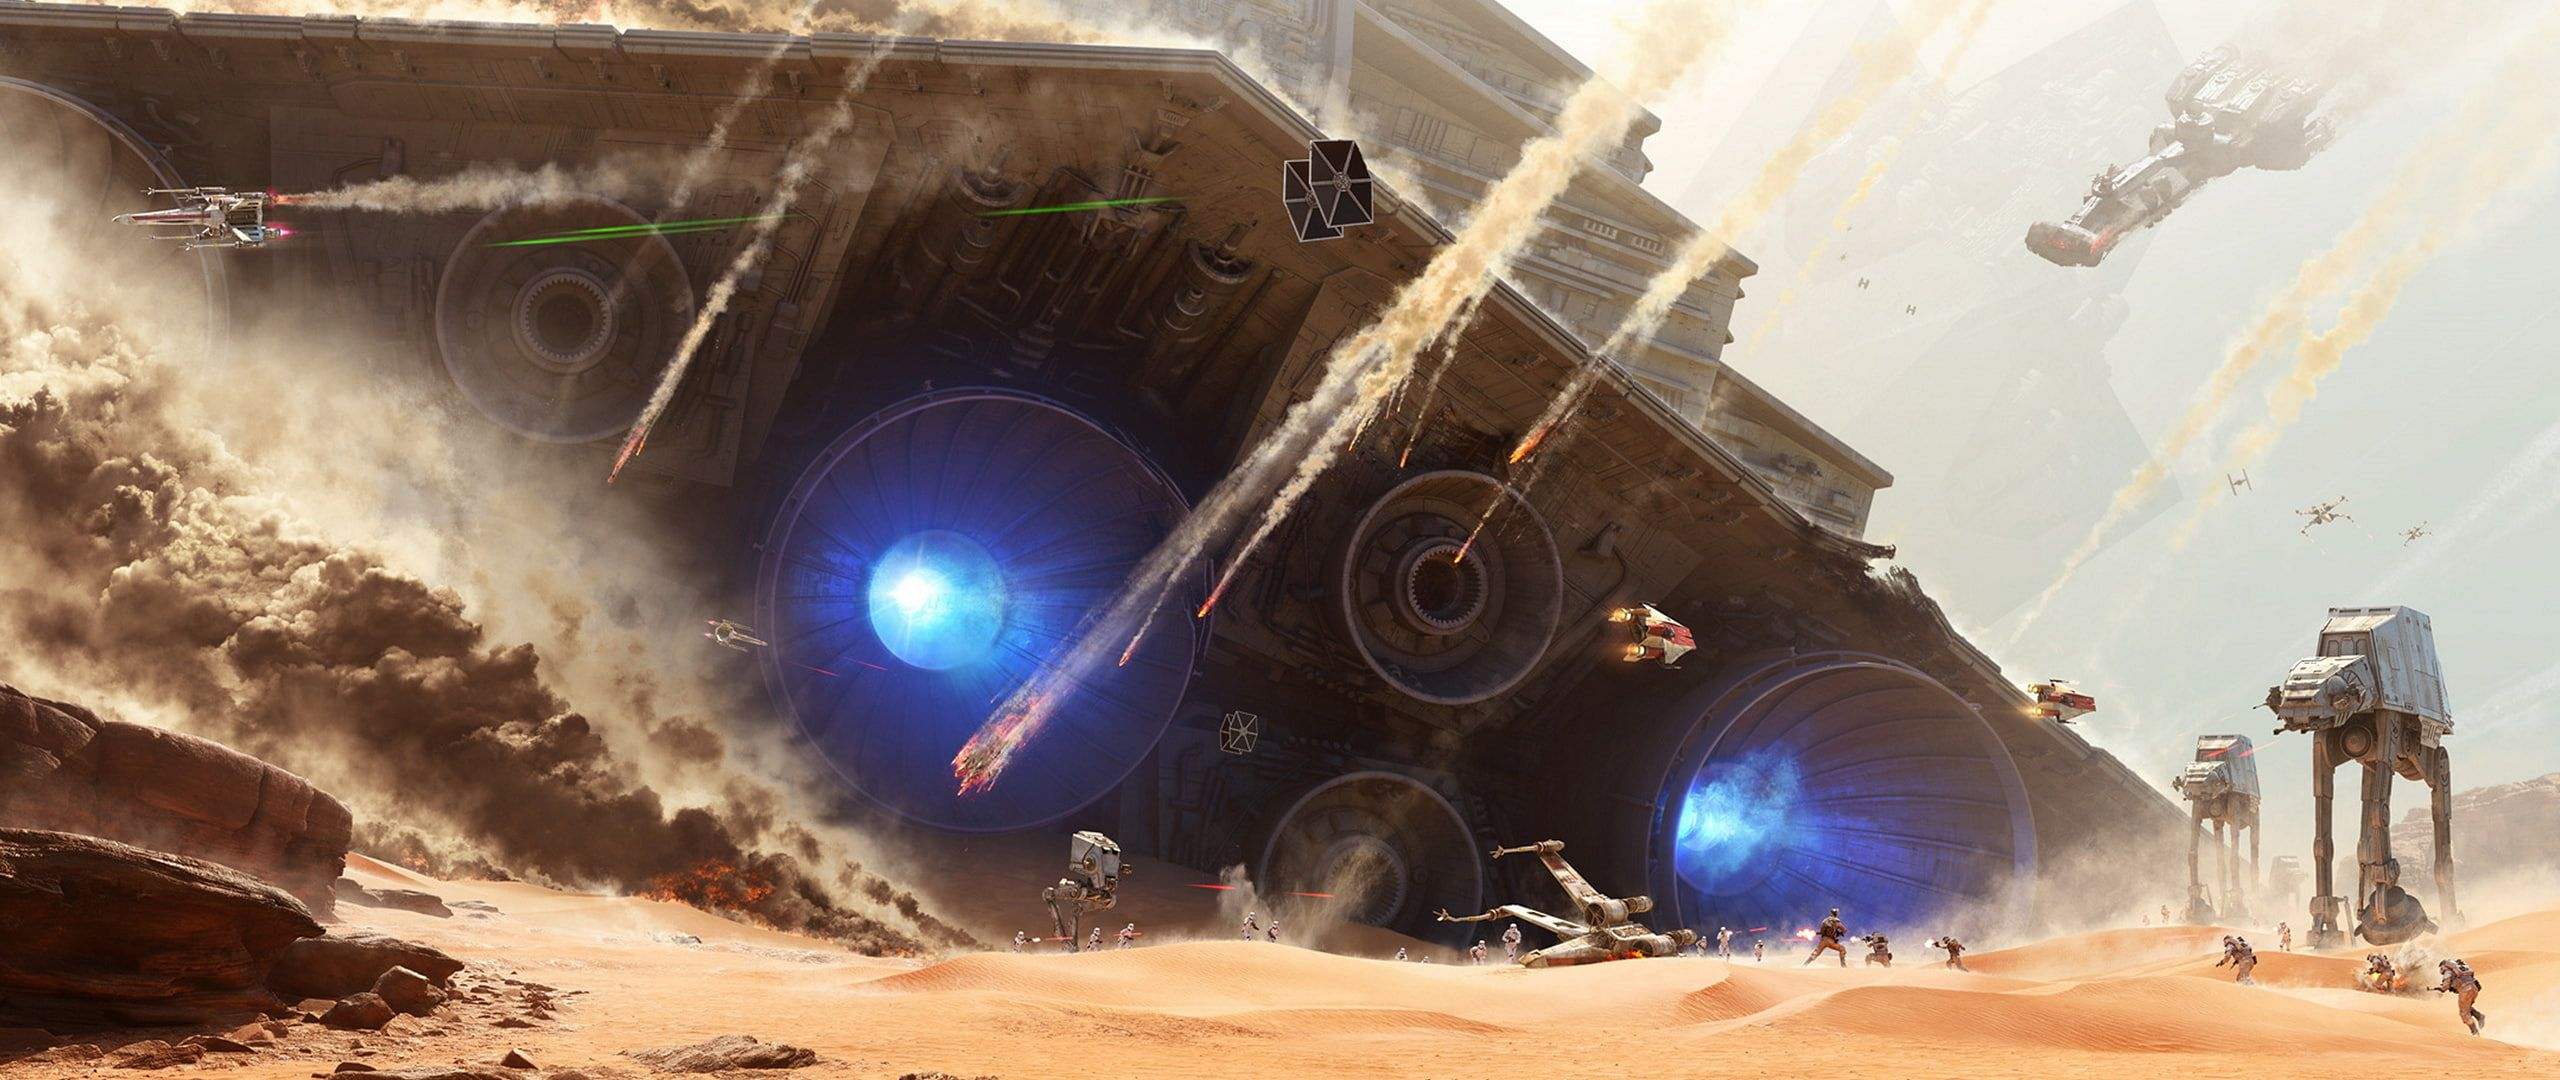 Star Wars Ultrawide Wallpaper